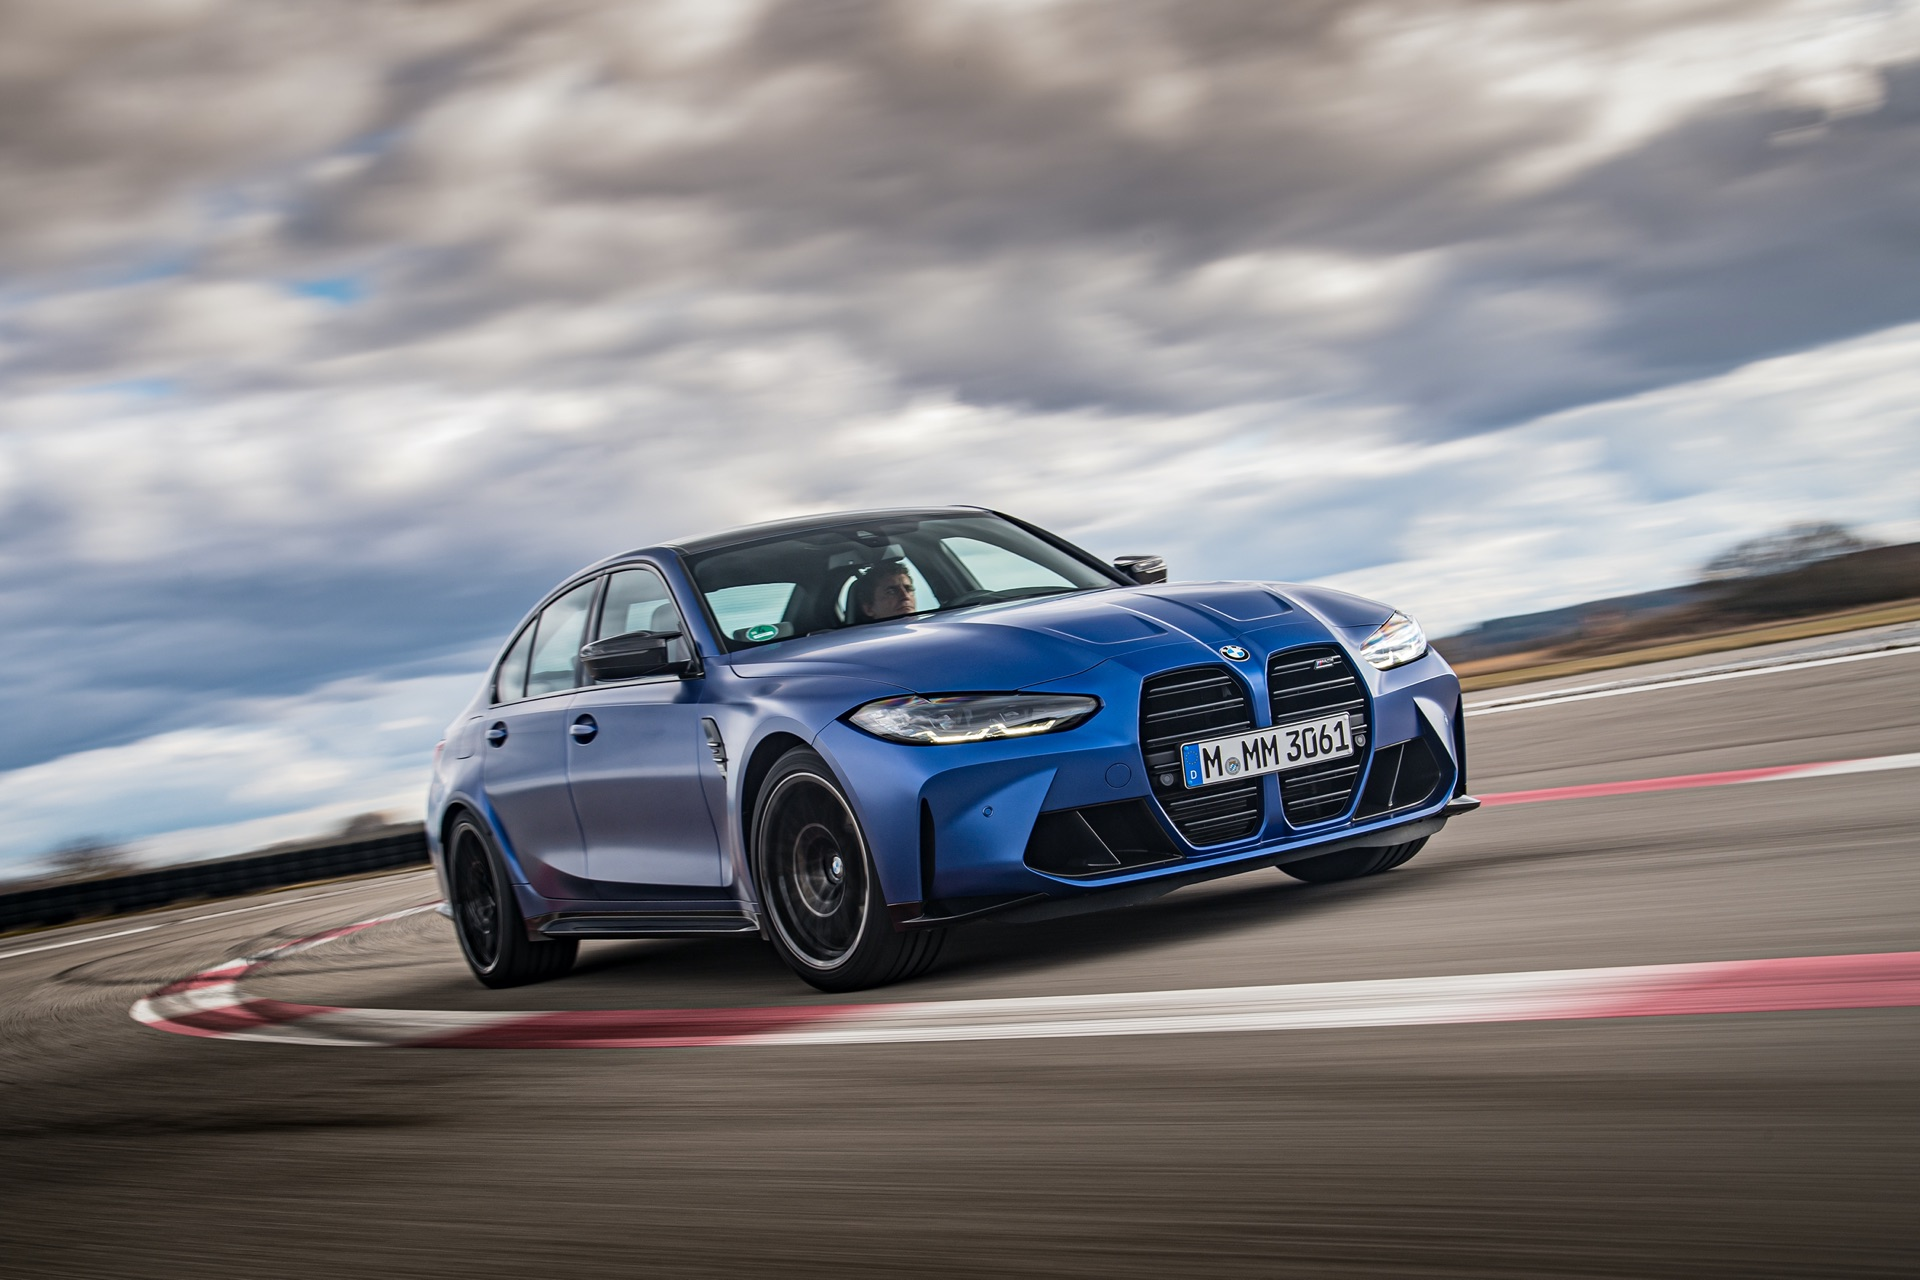 Portimao Blue BMW G80 M3 specs